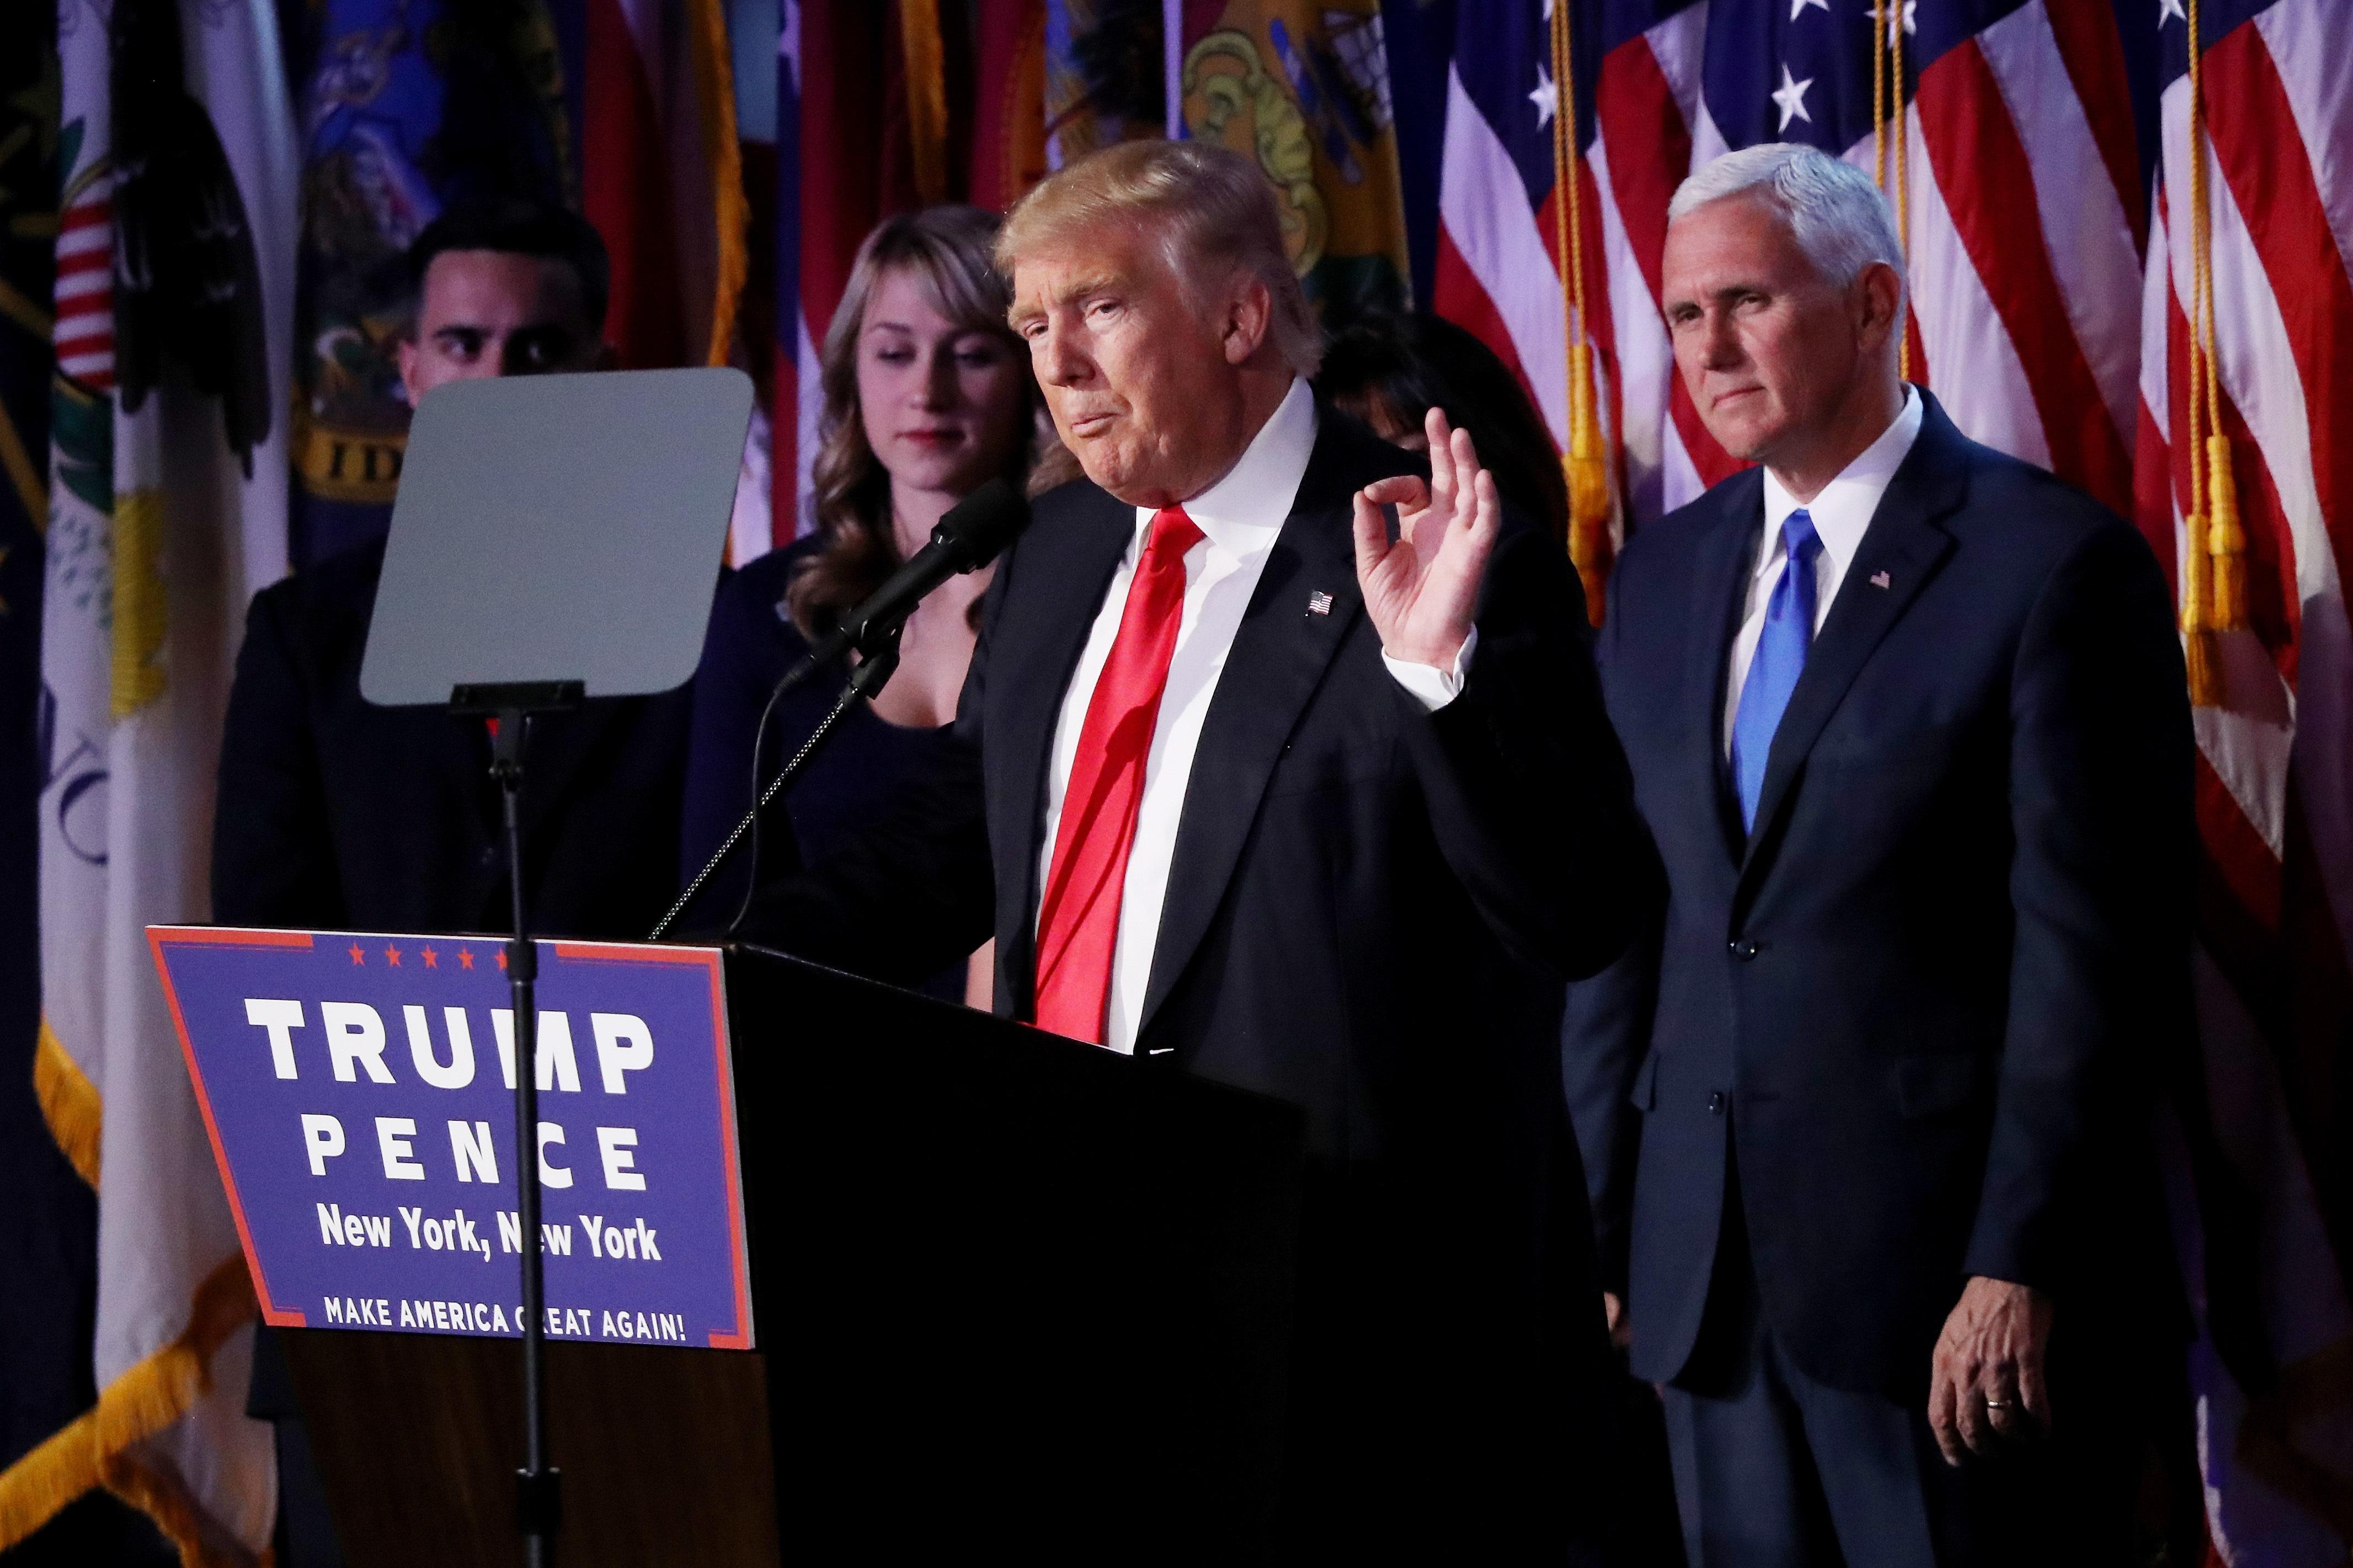 Изненадващо за мнозина милиардерът Доналд Тръмп ще бъде 45-ият президент на САЩ. След като стана ясно, че той печели срещу кандидата на демократите Хилари Клинтън, Тръмп държа и речта на победата в Ню Йорк, а на сцената беше и семейството му